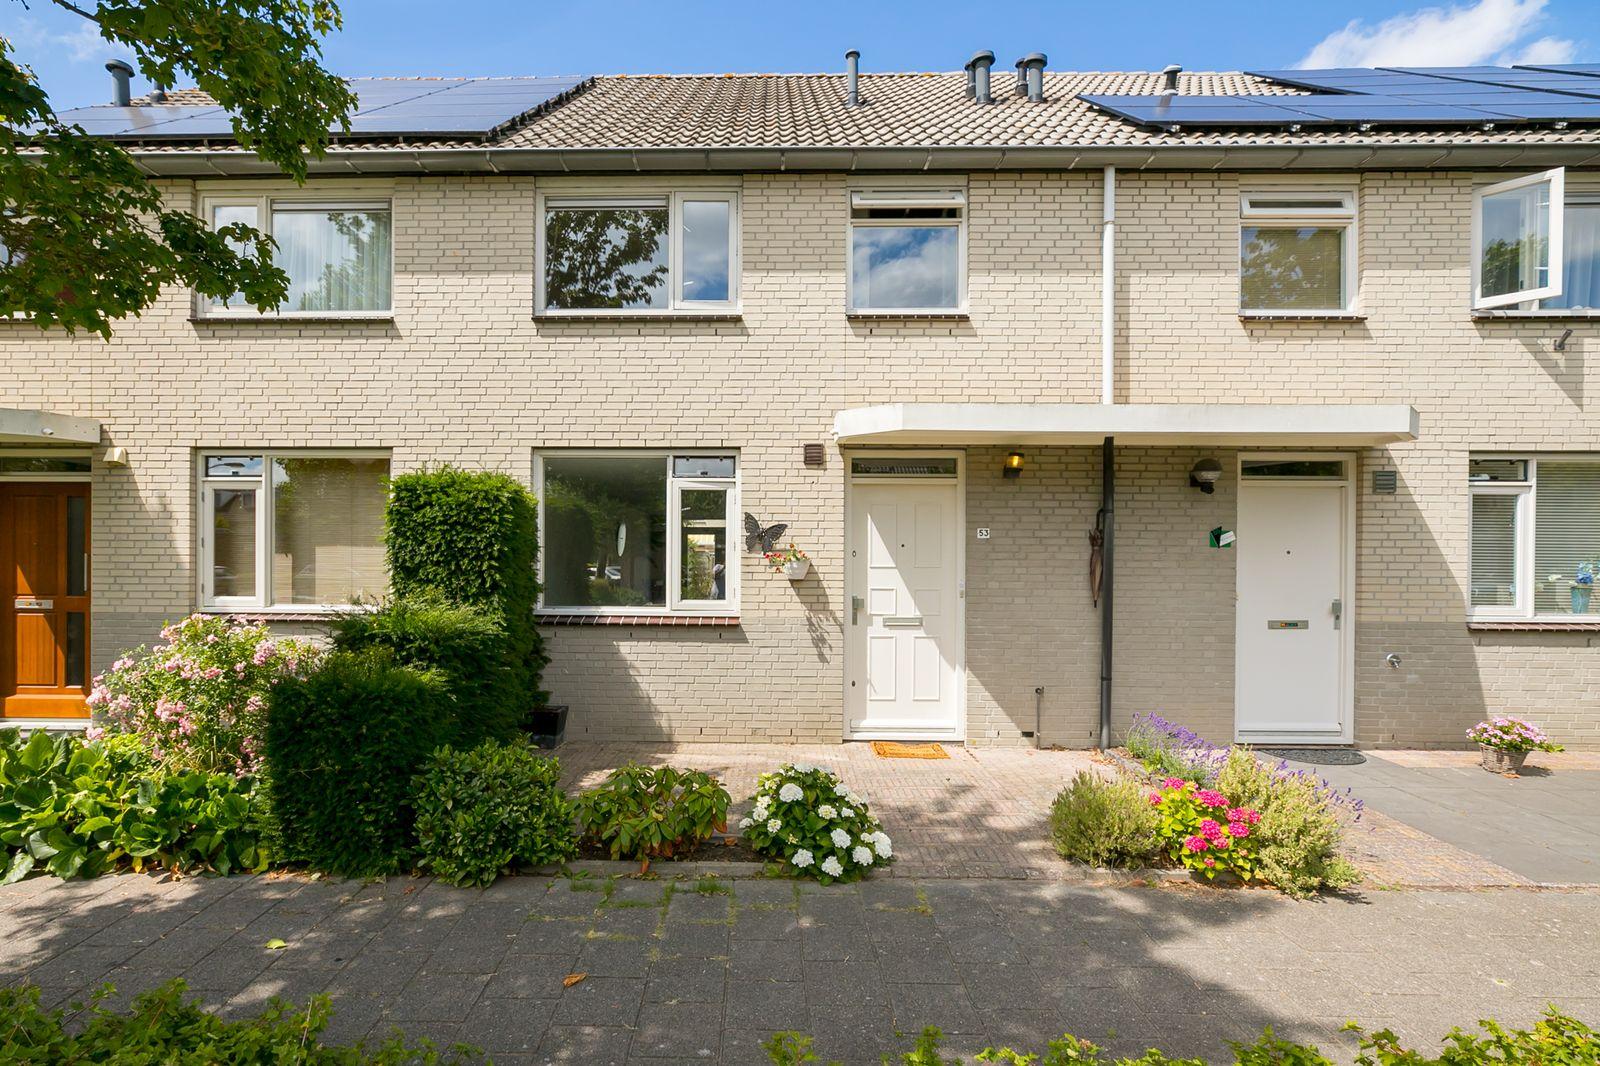 David Verloopstraat 53, Almere